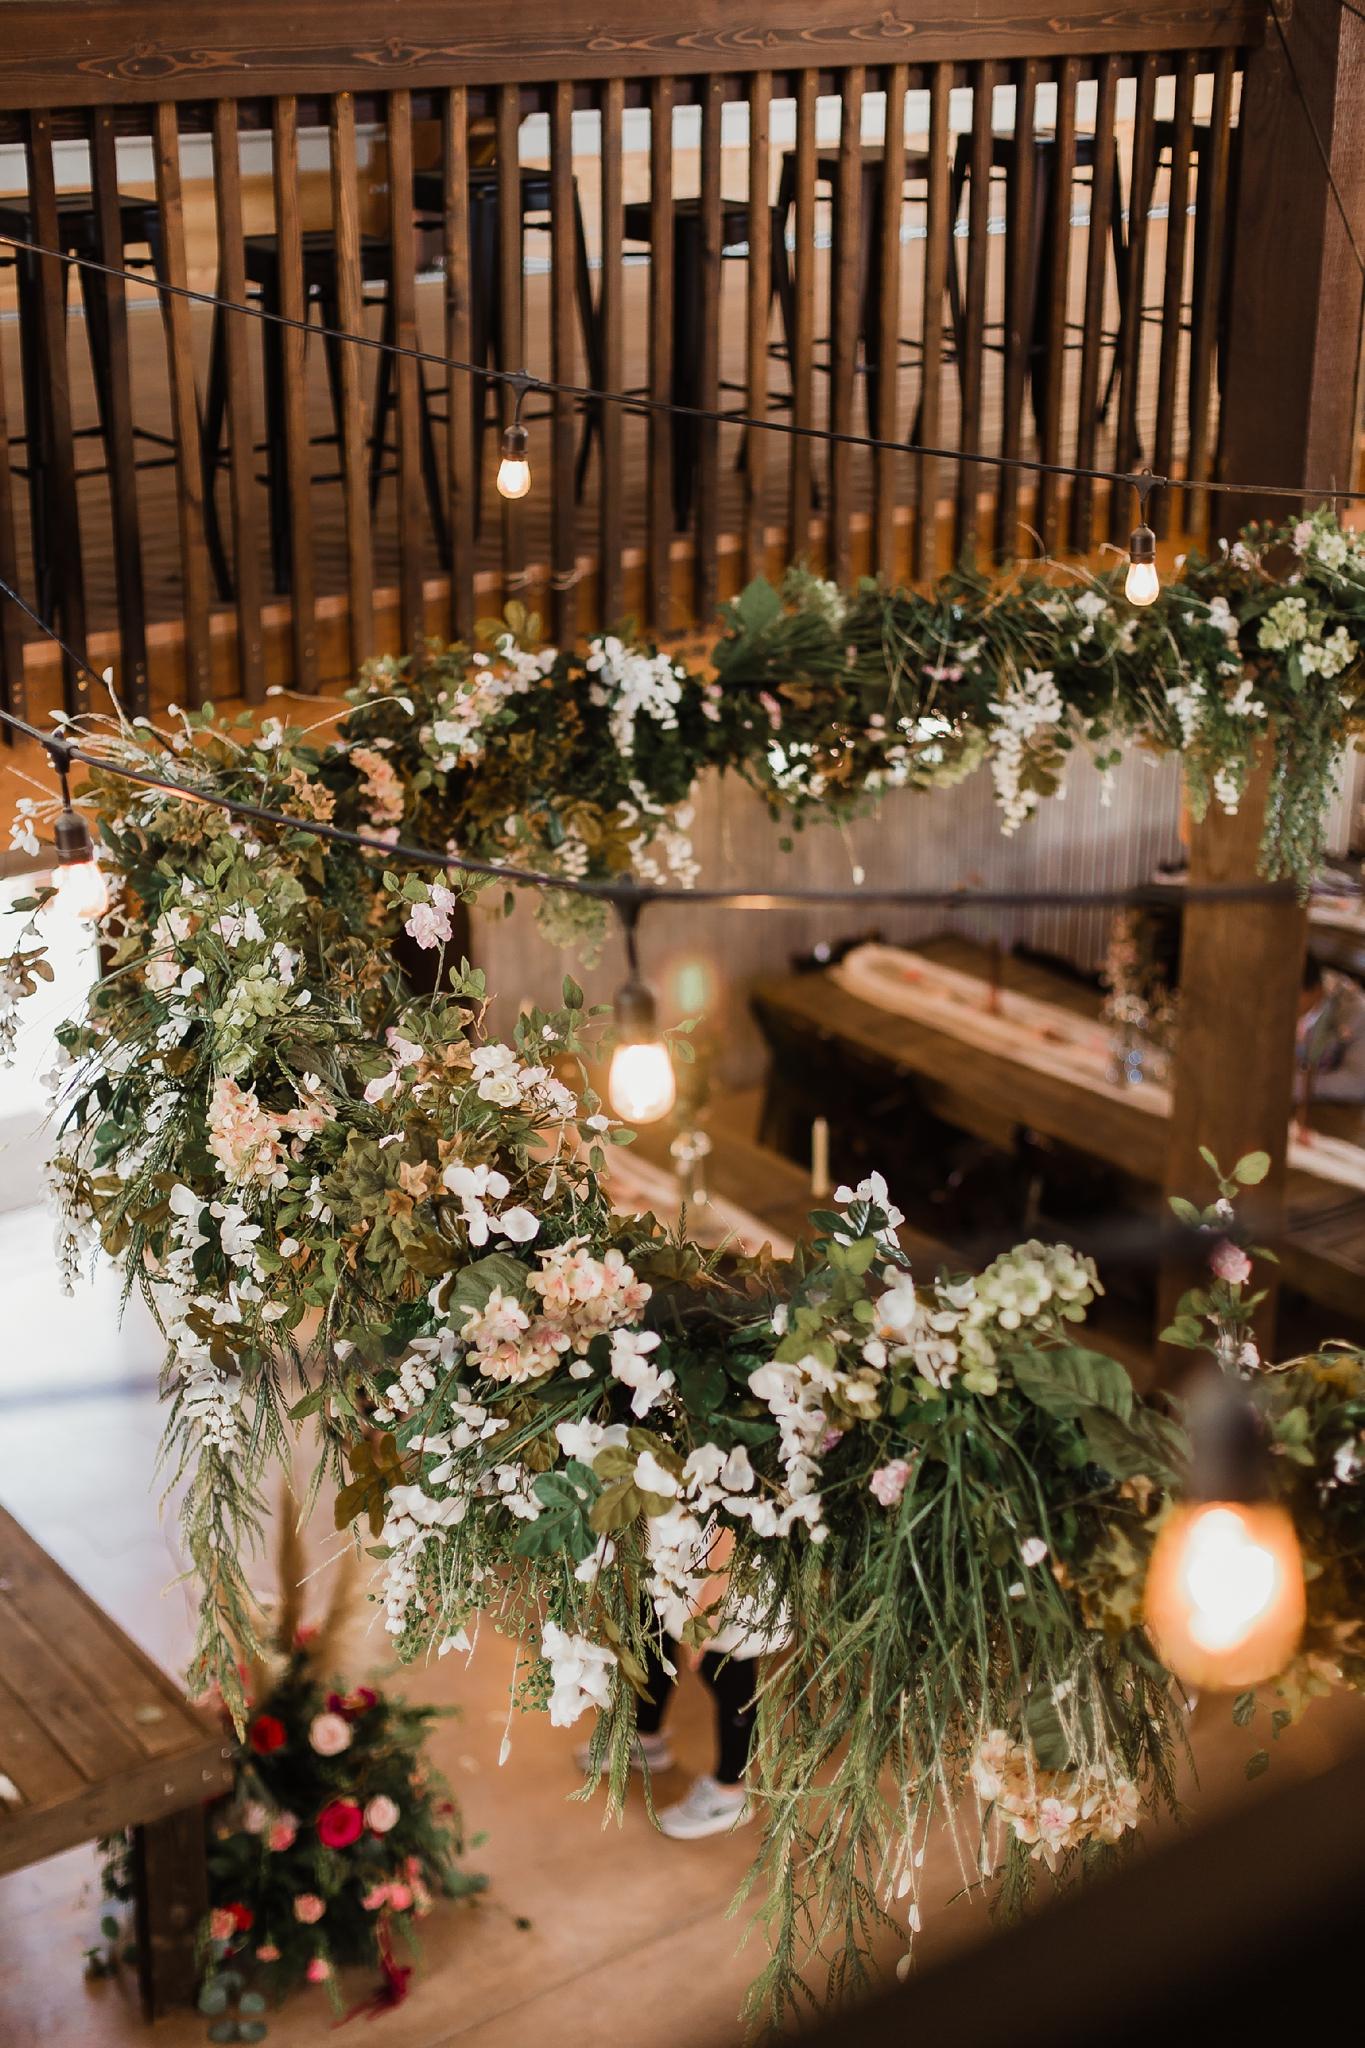 Alicia+lucia+photography+-+albuquerque+wedding+photographer+-+santa+fe+wedding+photography+-+new+mexico+wedding+photographer+-+new+mexico+wedding+-+new+mexico+wedding+-+barn+wedding+-+enchanted+vine+barn+wedding+-+ruidoso+wedding_0051.jpg